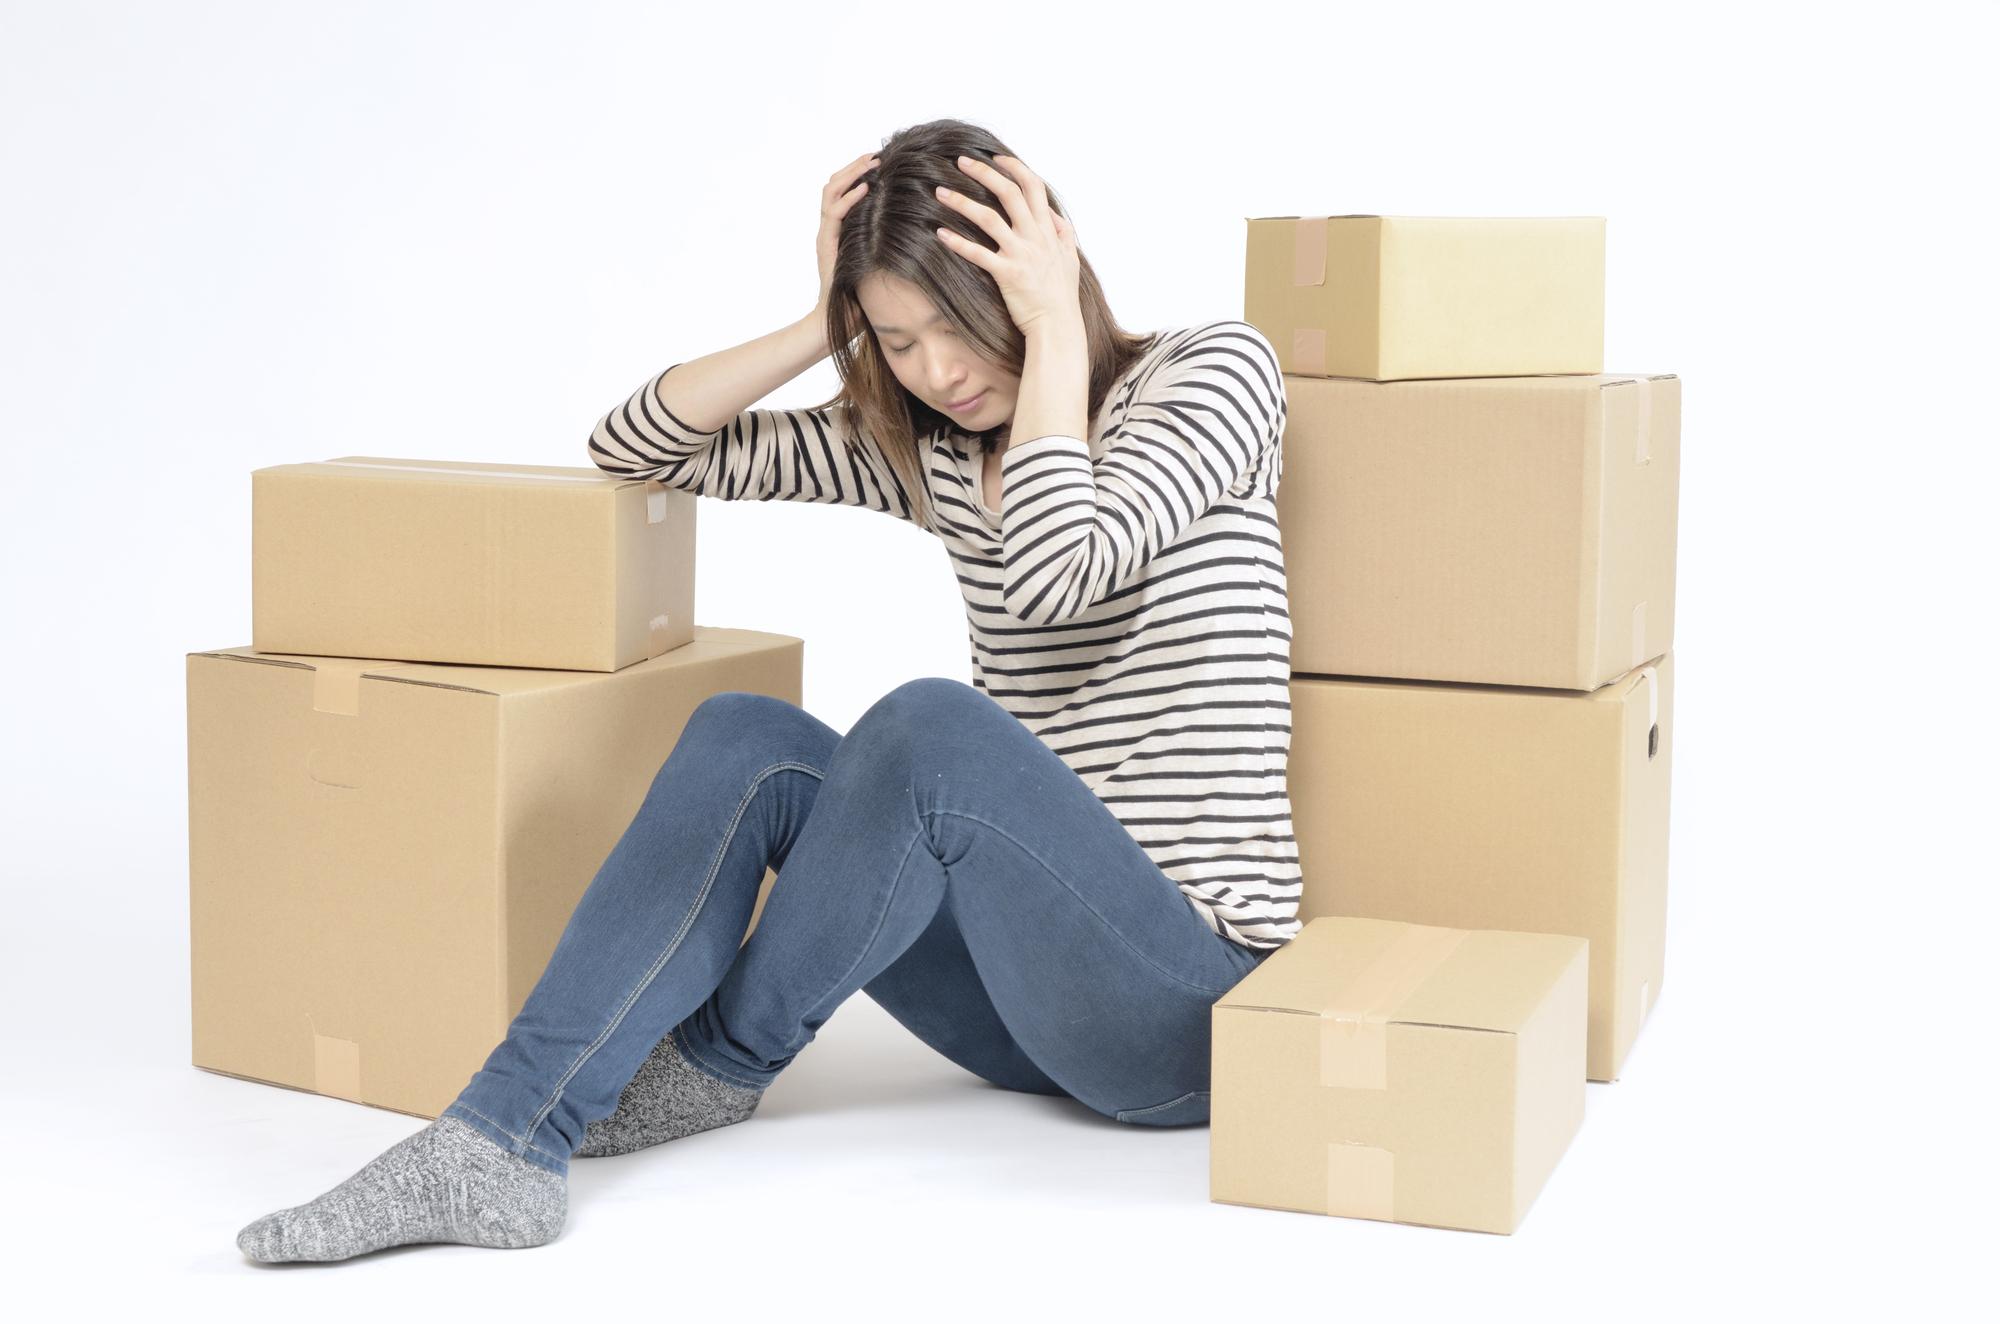 引っ越しまでに準備が間に合わない!?荷造りが終わらない時の対処法